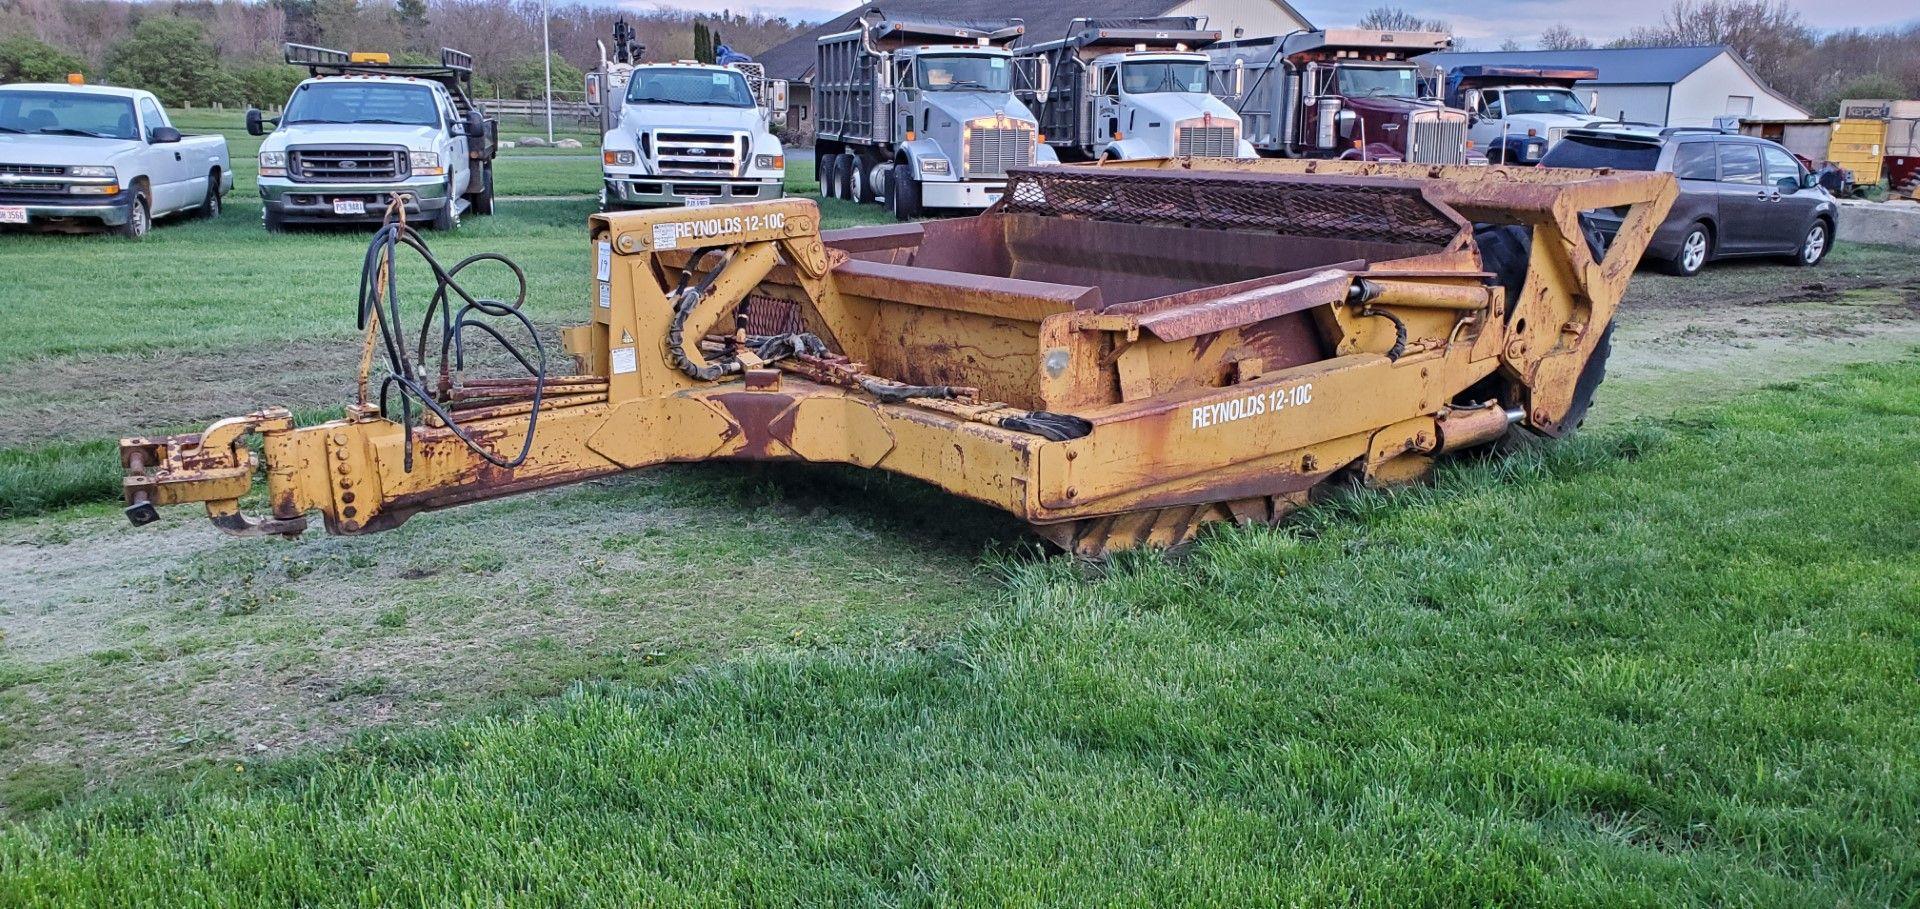 Reynolds 12-10C Pull Scraper -12 Yard Pan Capacity - Image 4 of 6